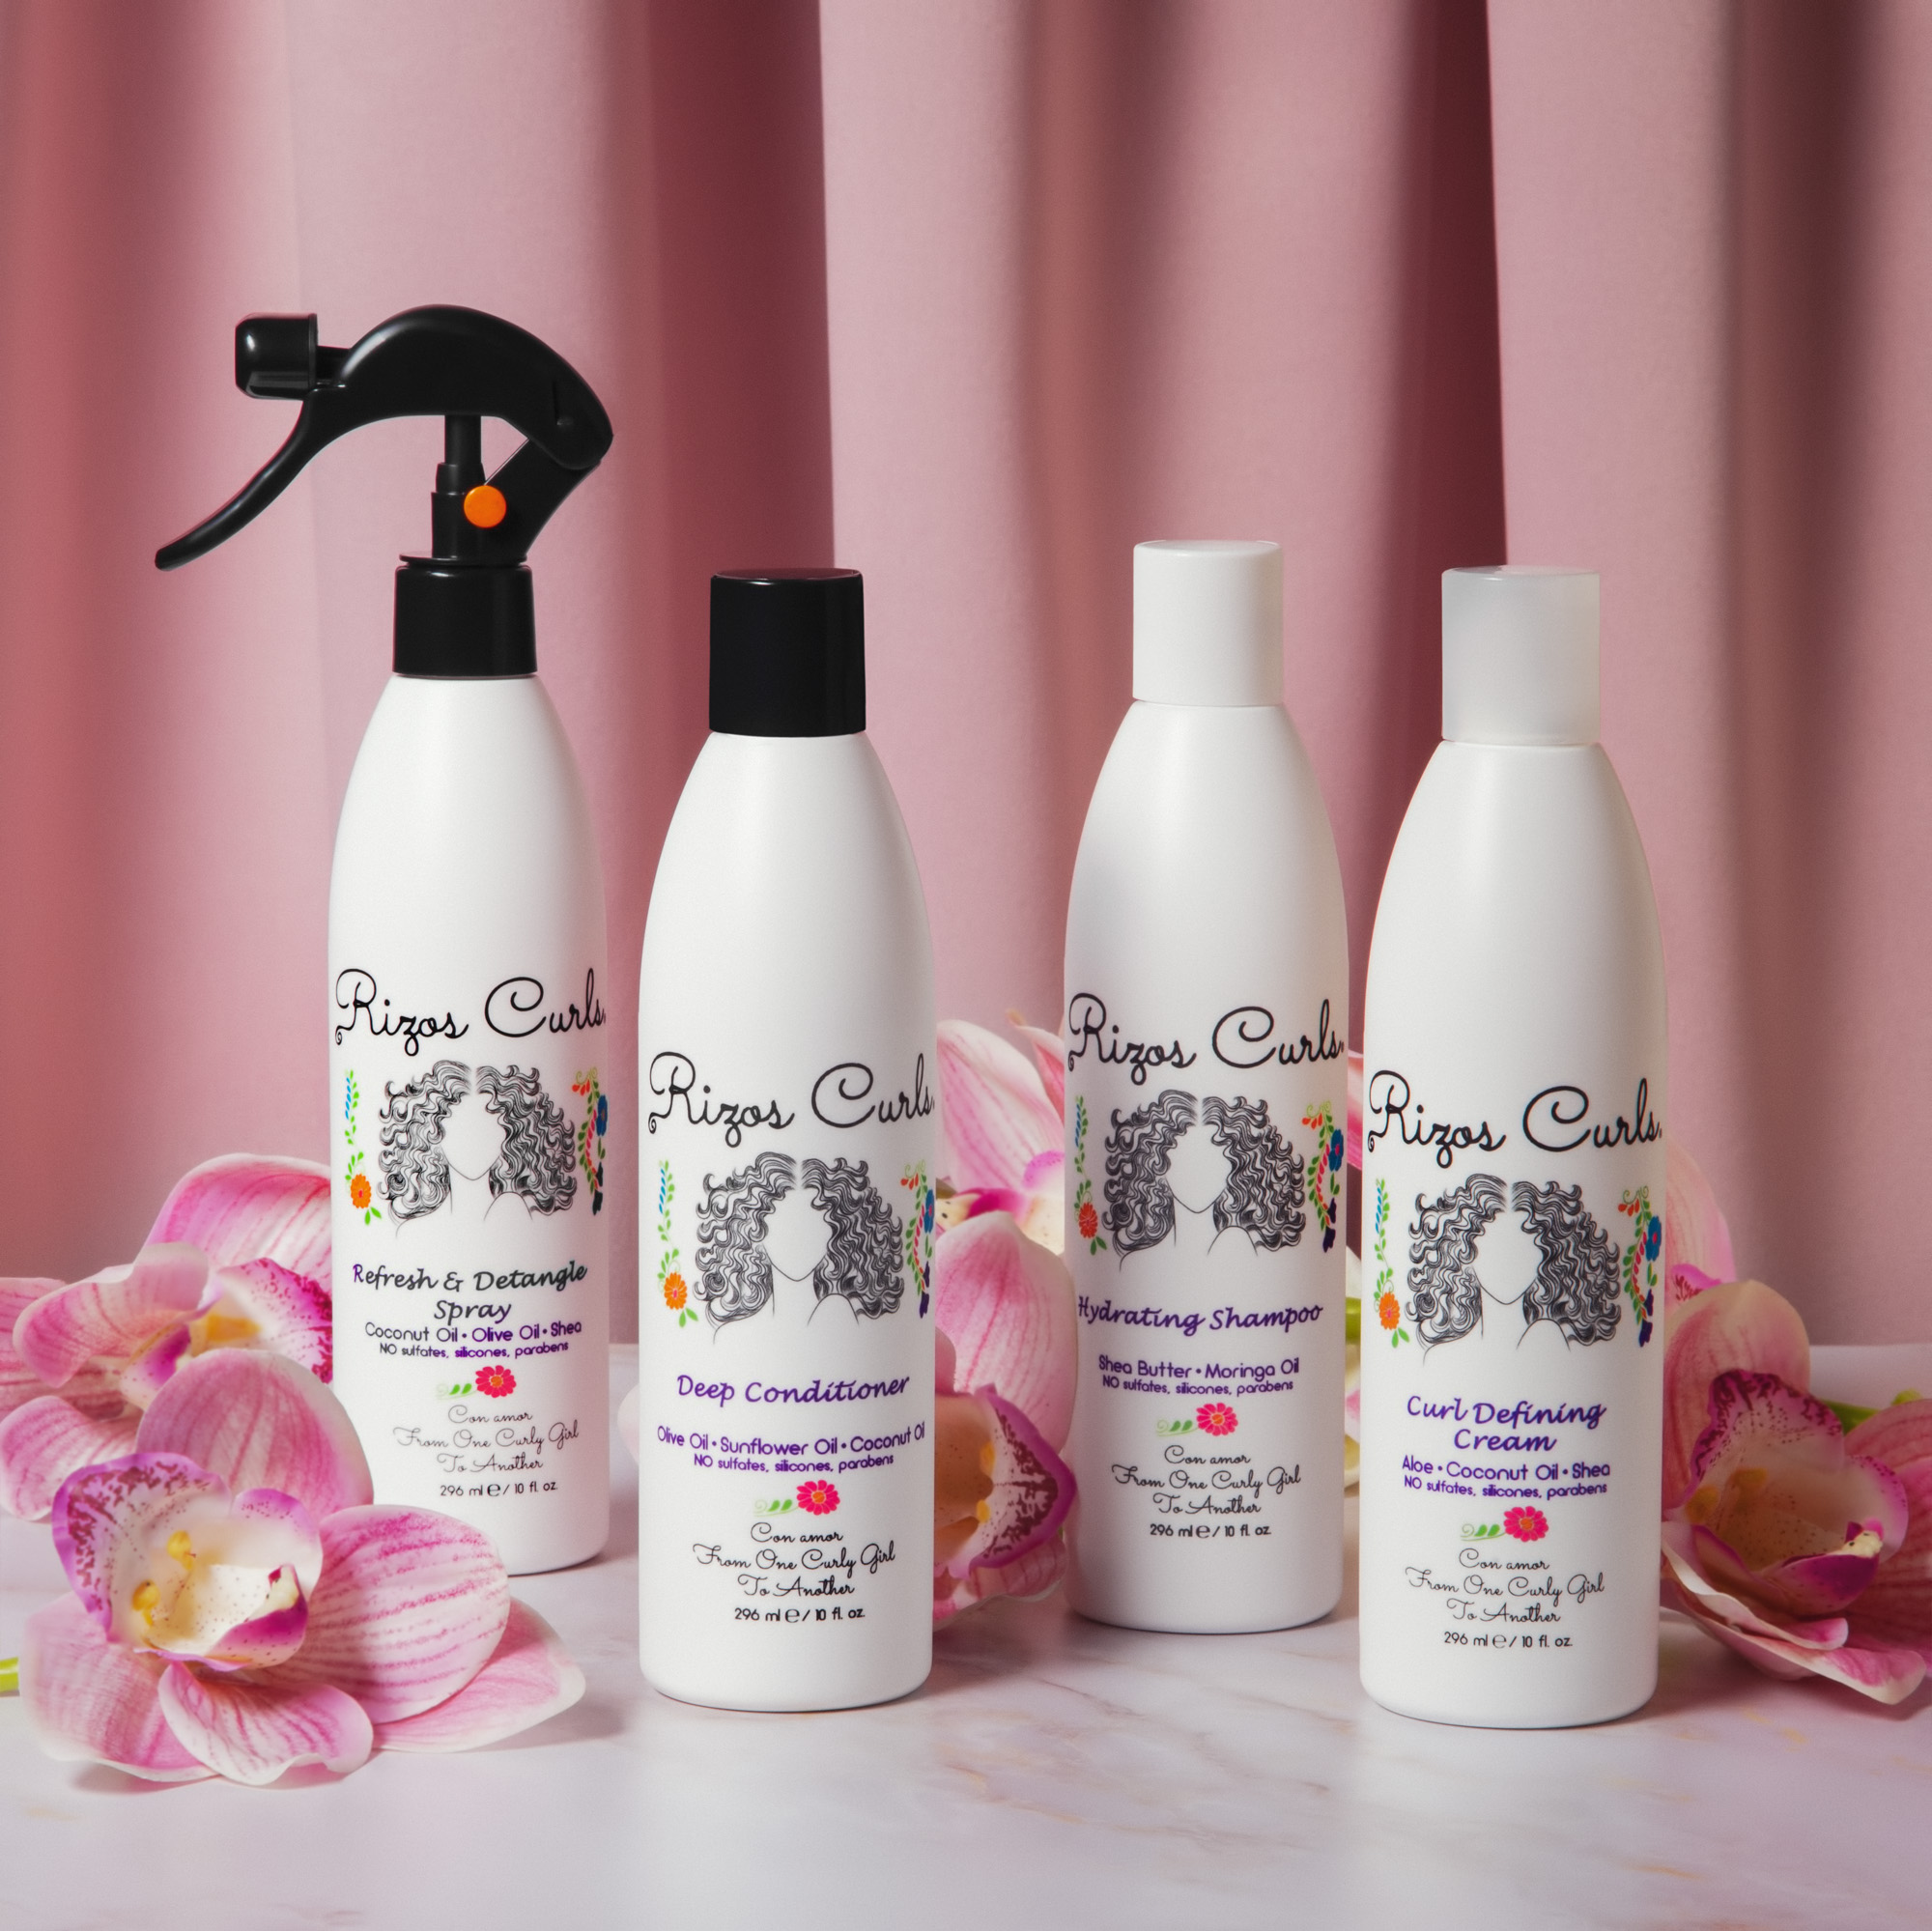 rizos-curls-4-step-bundle.jpg